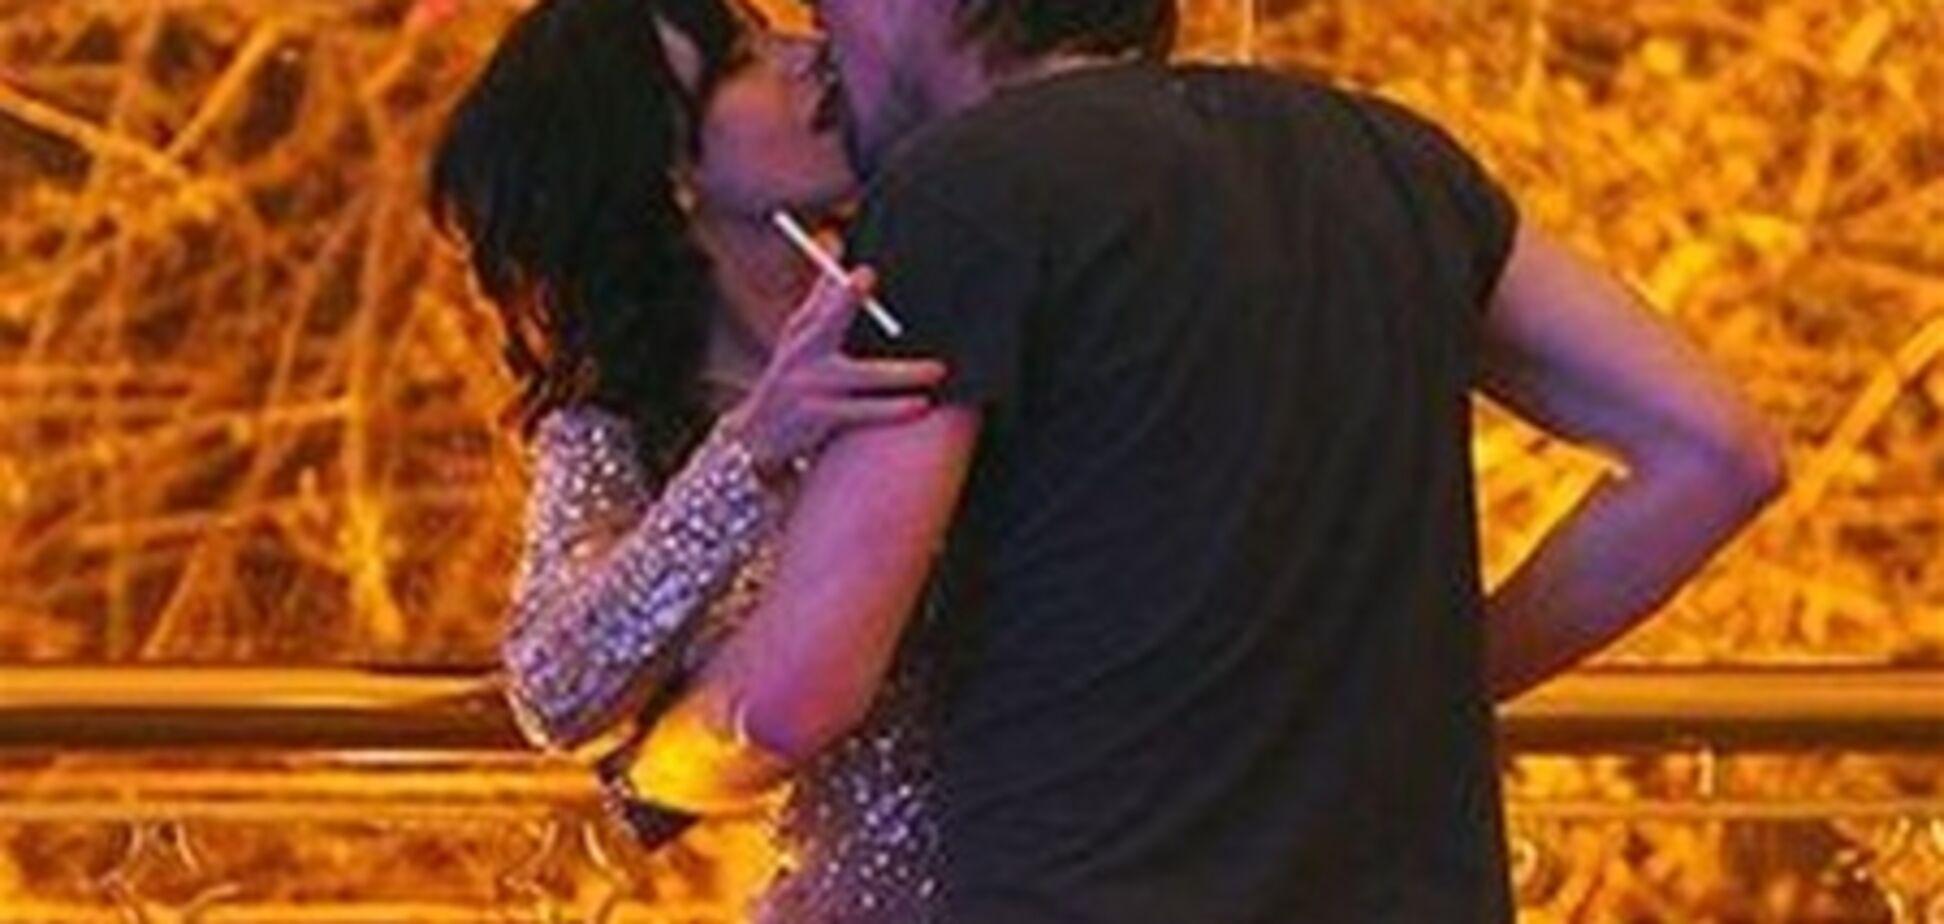 Билан и Юля Волкова страстно целовались у Киркорова на юбилее